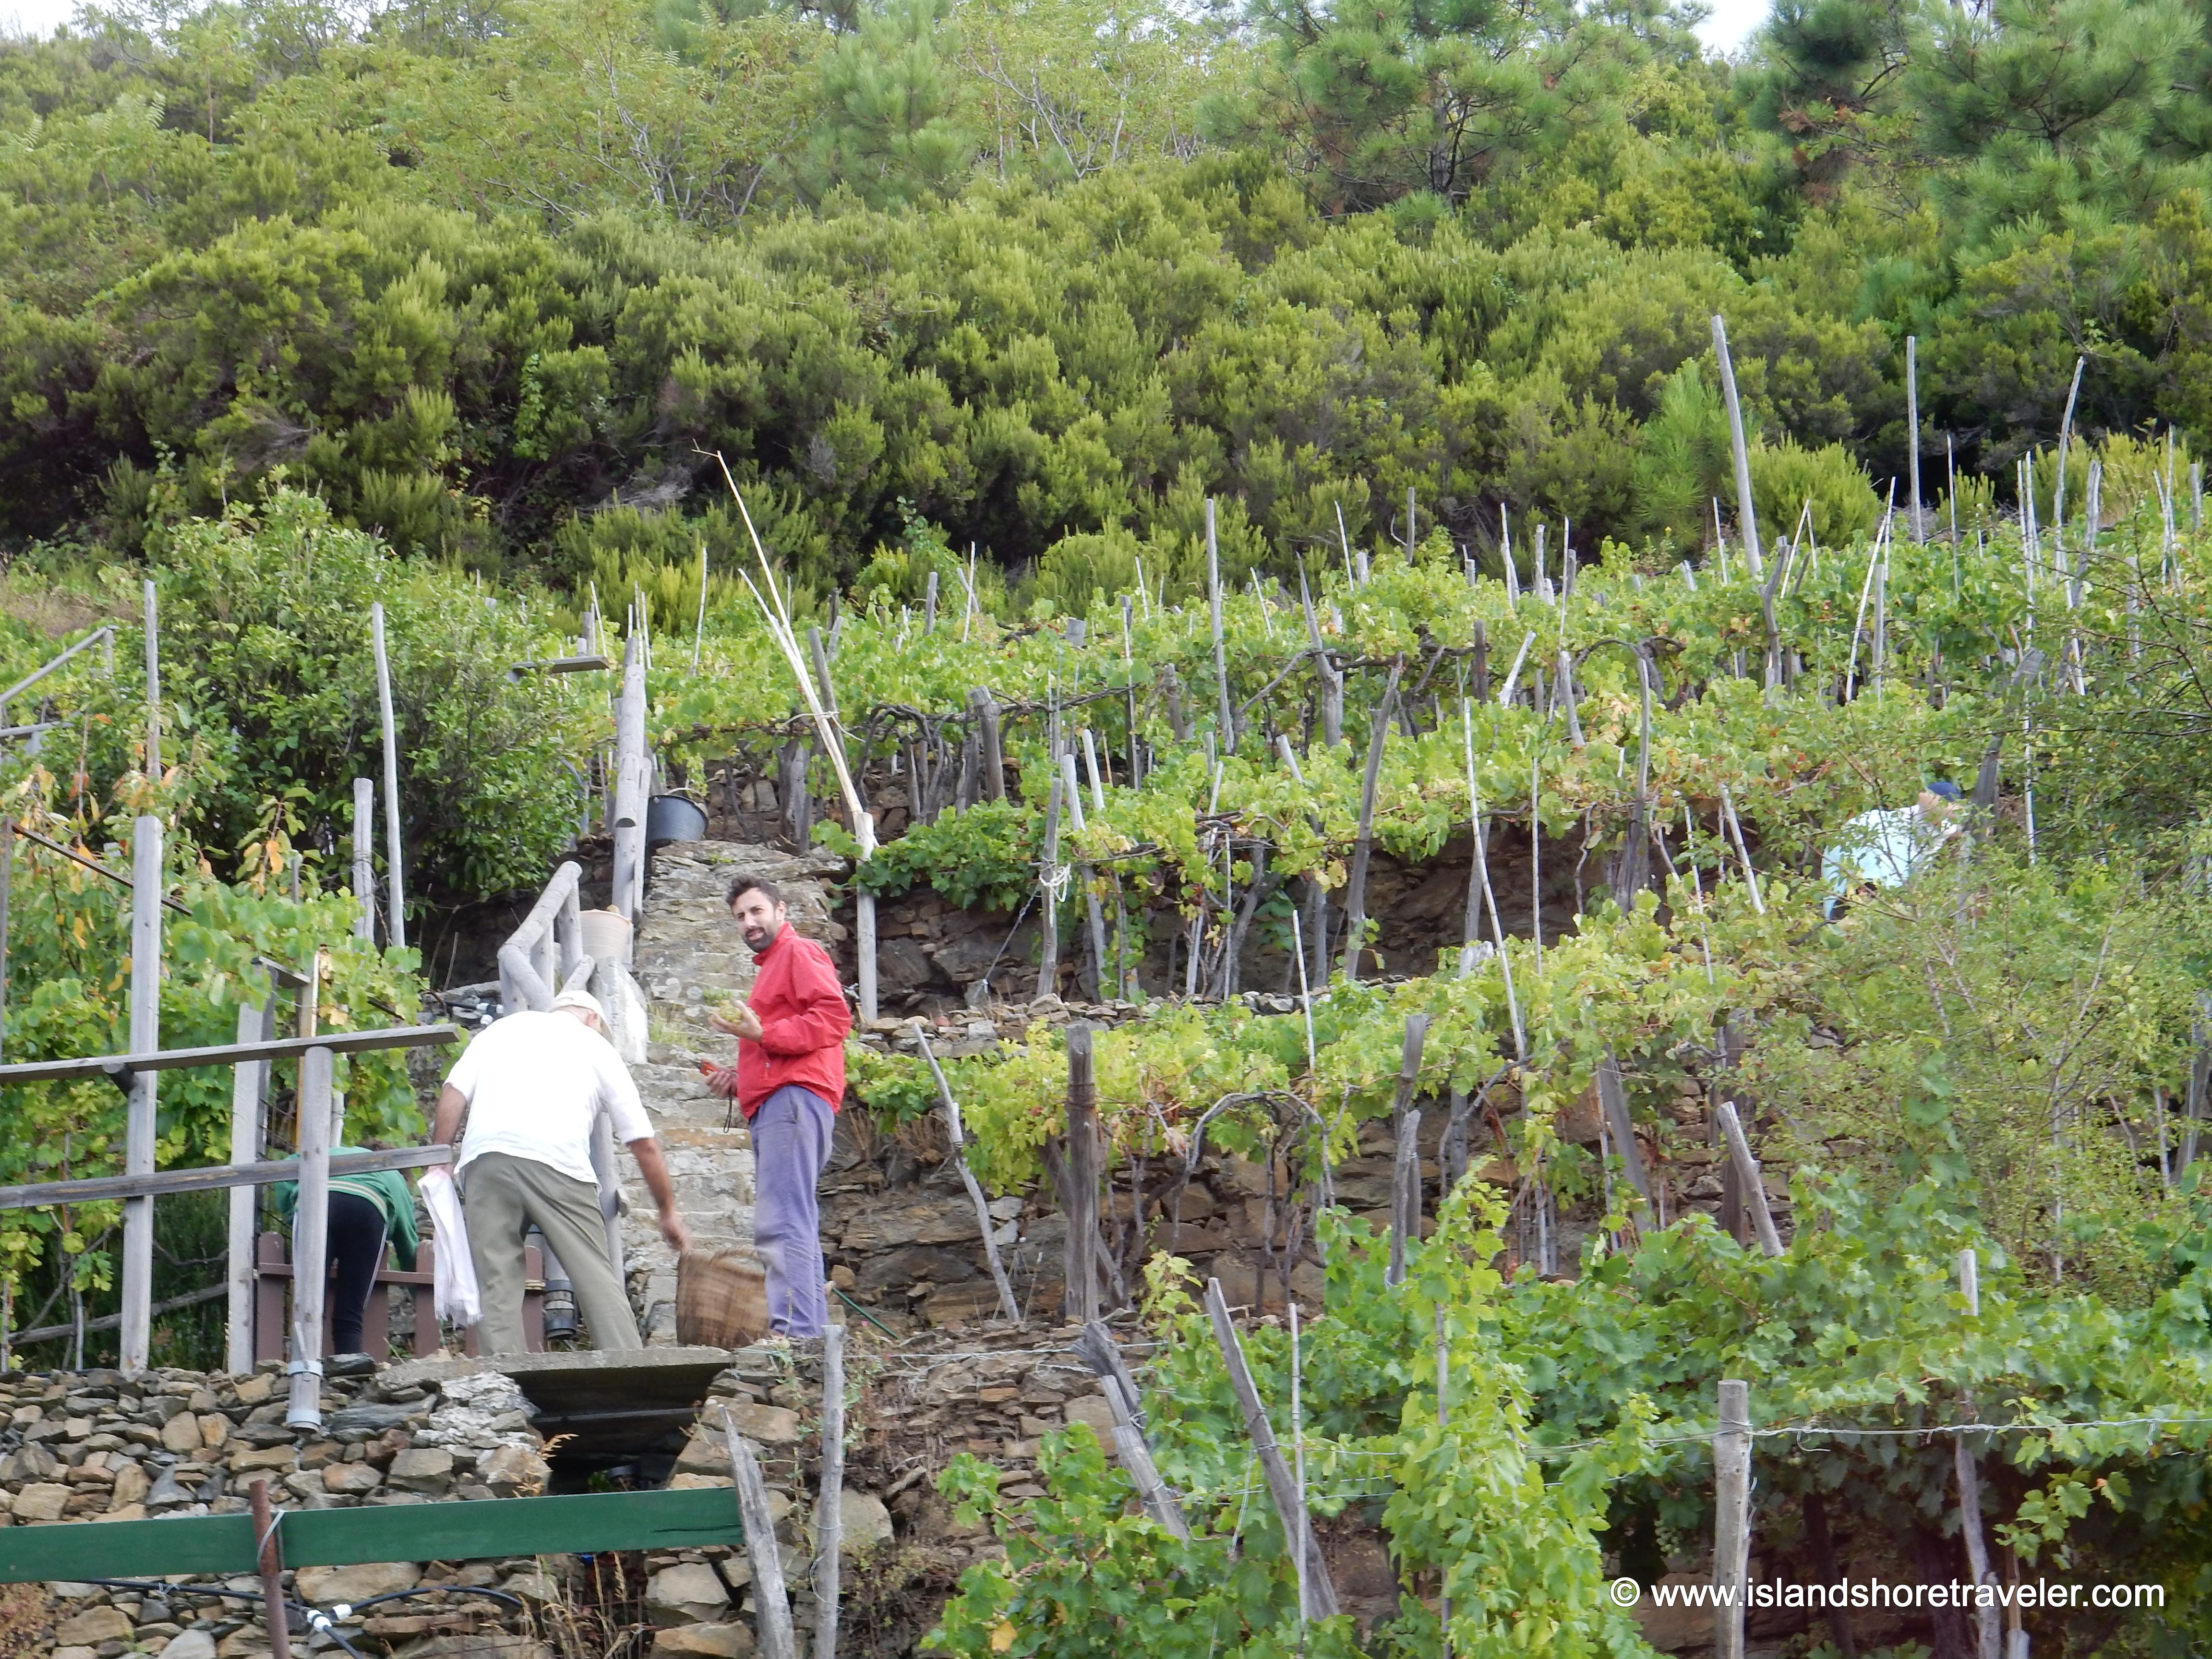 Grape Harvesting Near Manarola, Italy